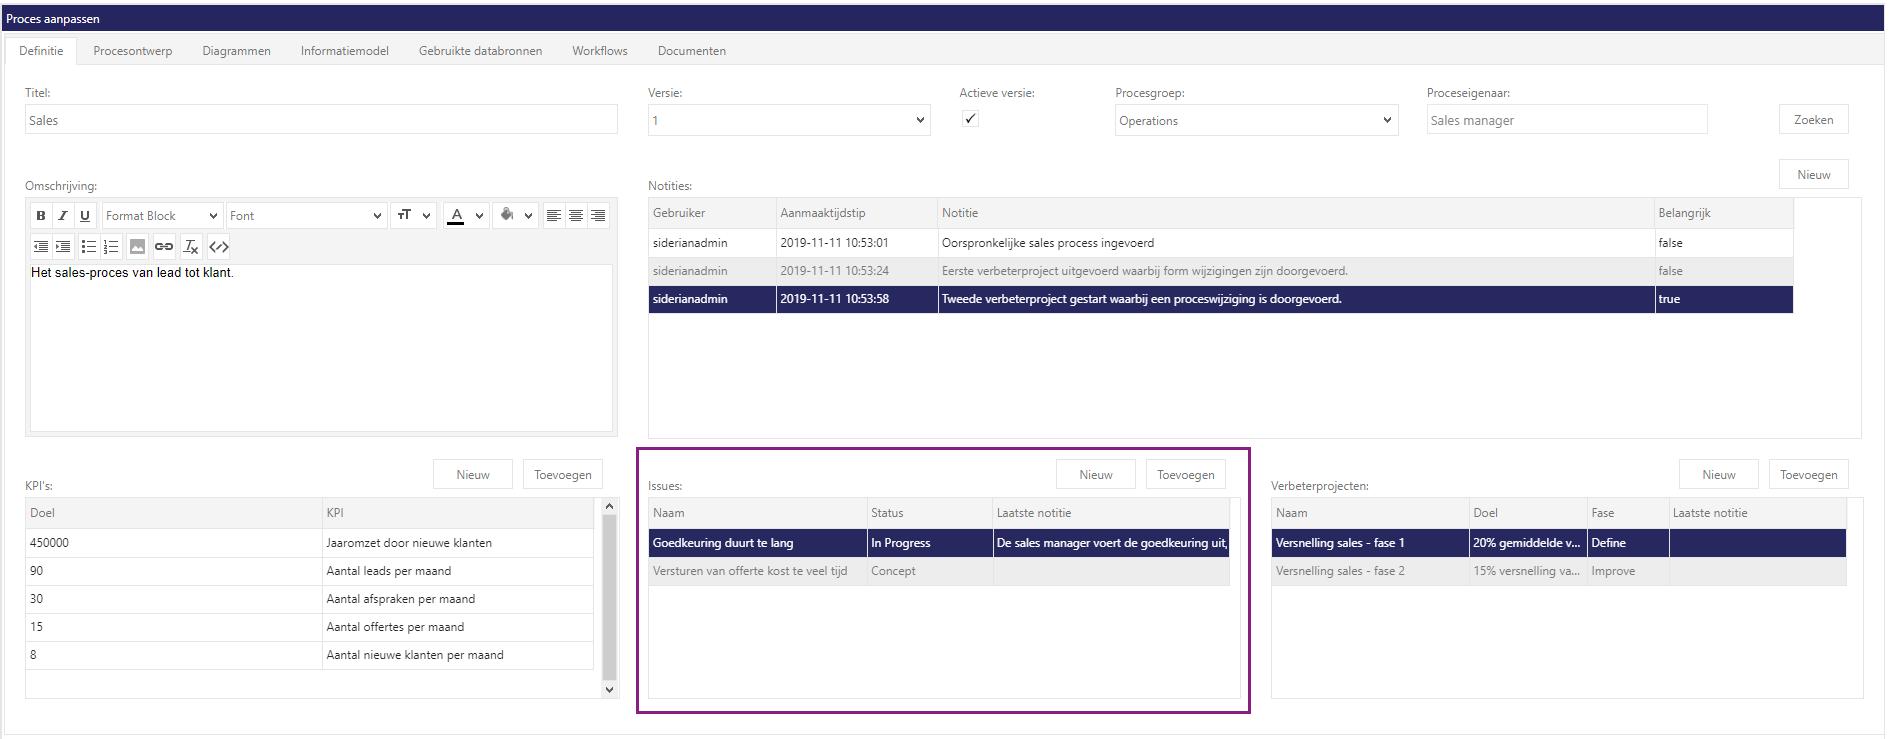 Siderian Cloud: proces met knelpunten, verbeterprojecten en KPI's